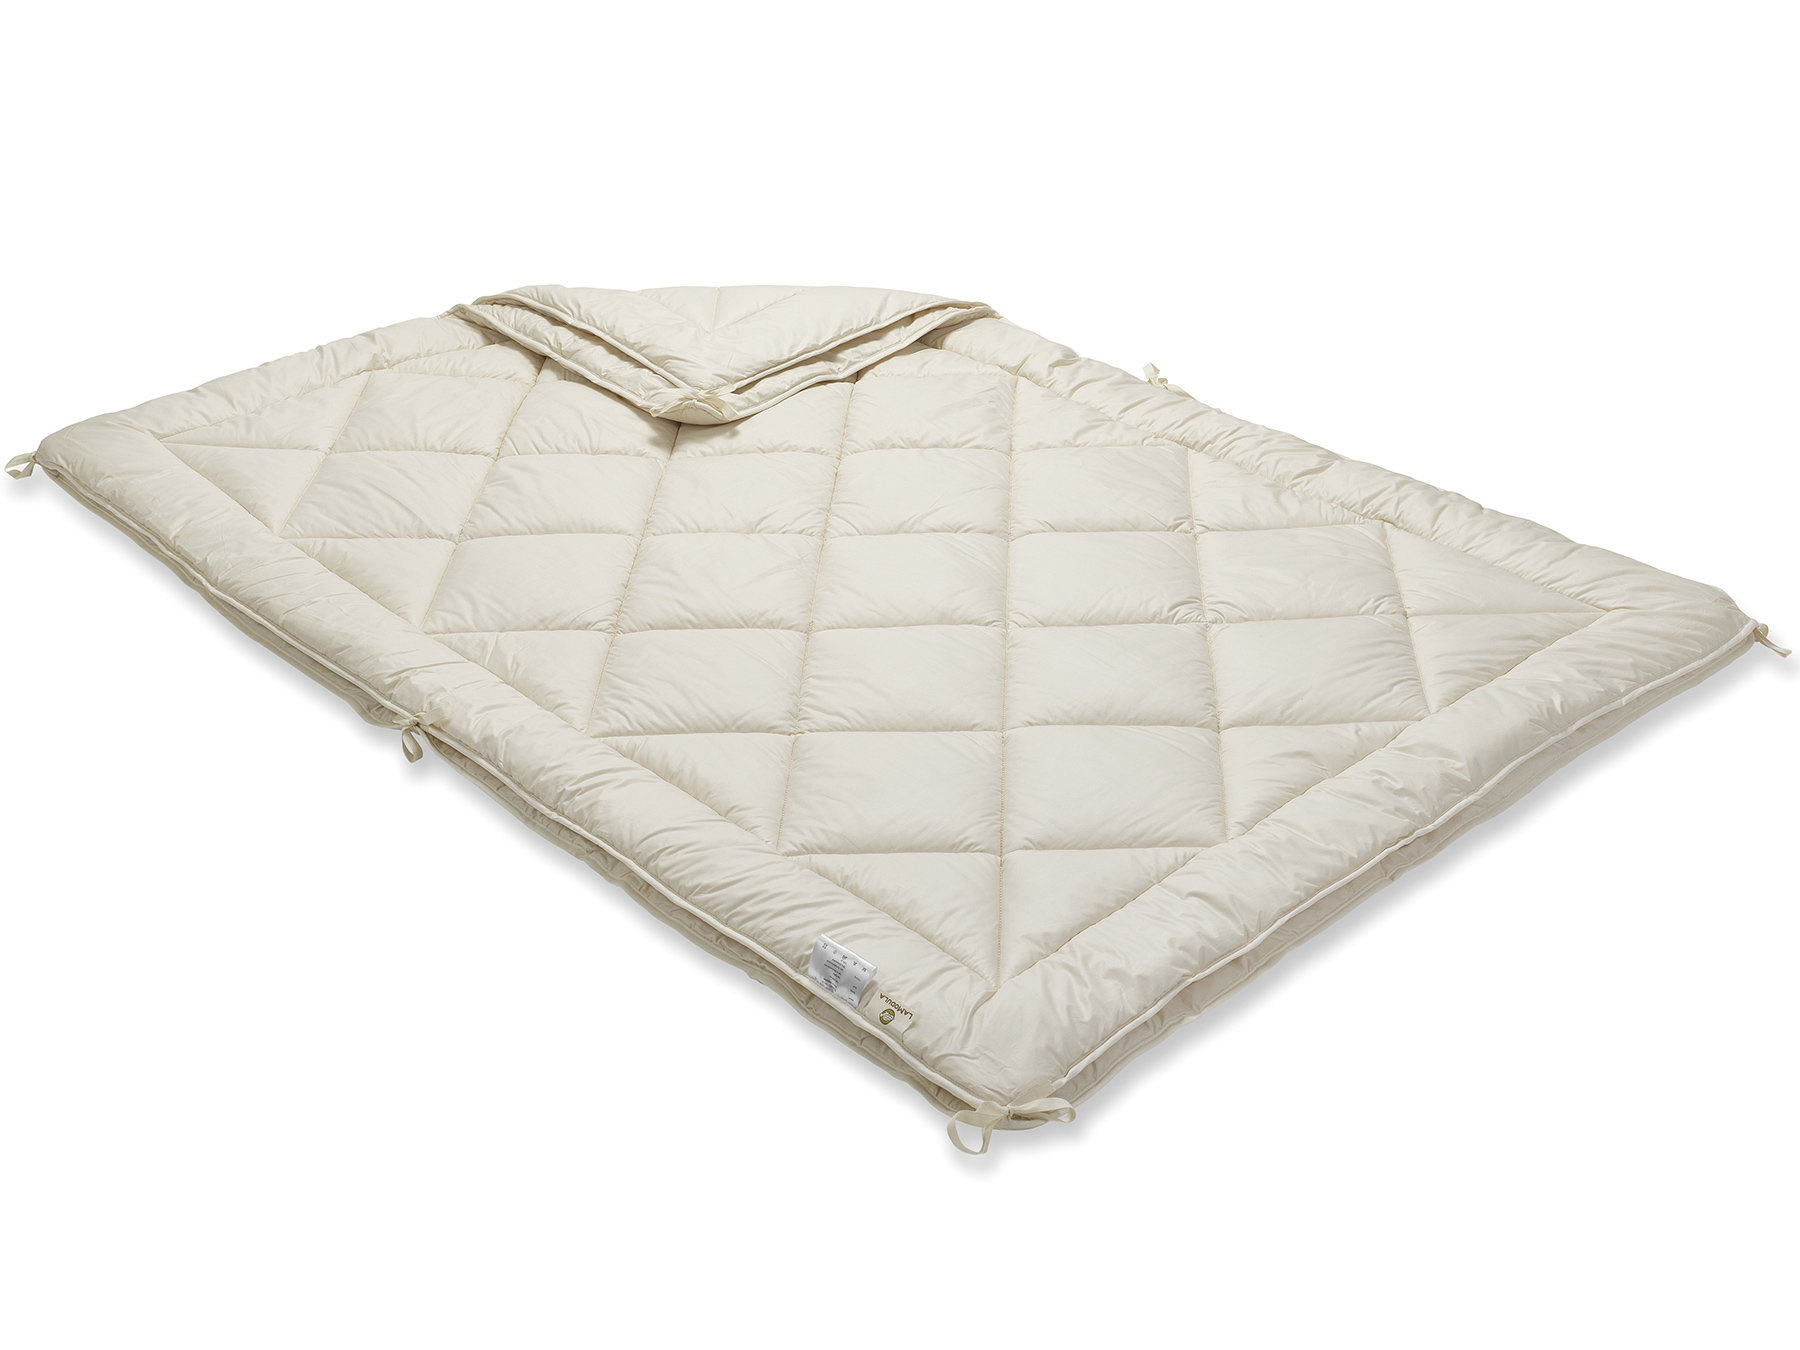 Mit den praktischen Bändern werden beide Decken einfach und schnell zu einer verbunden.